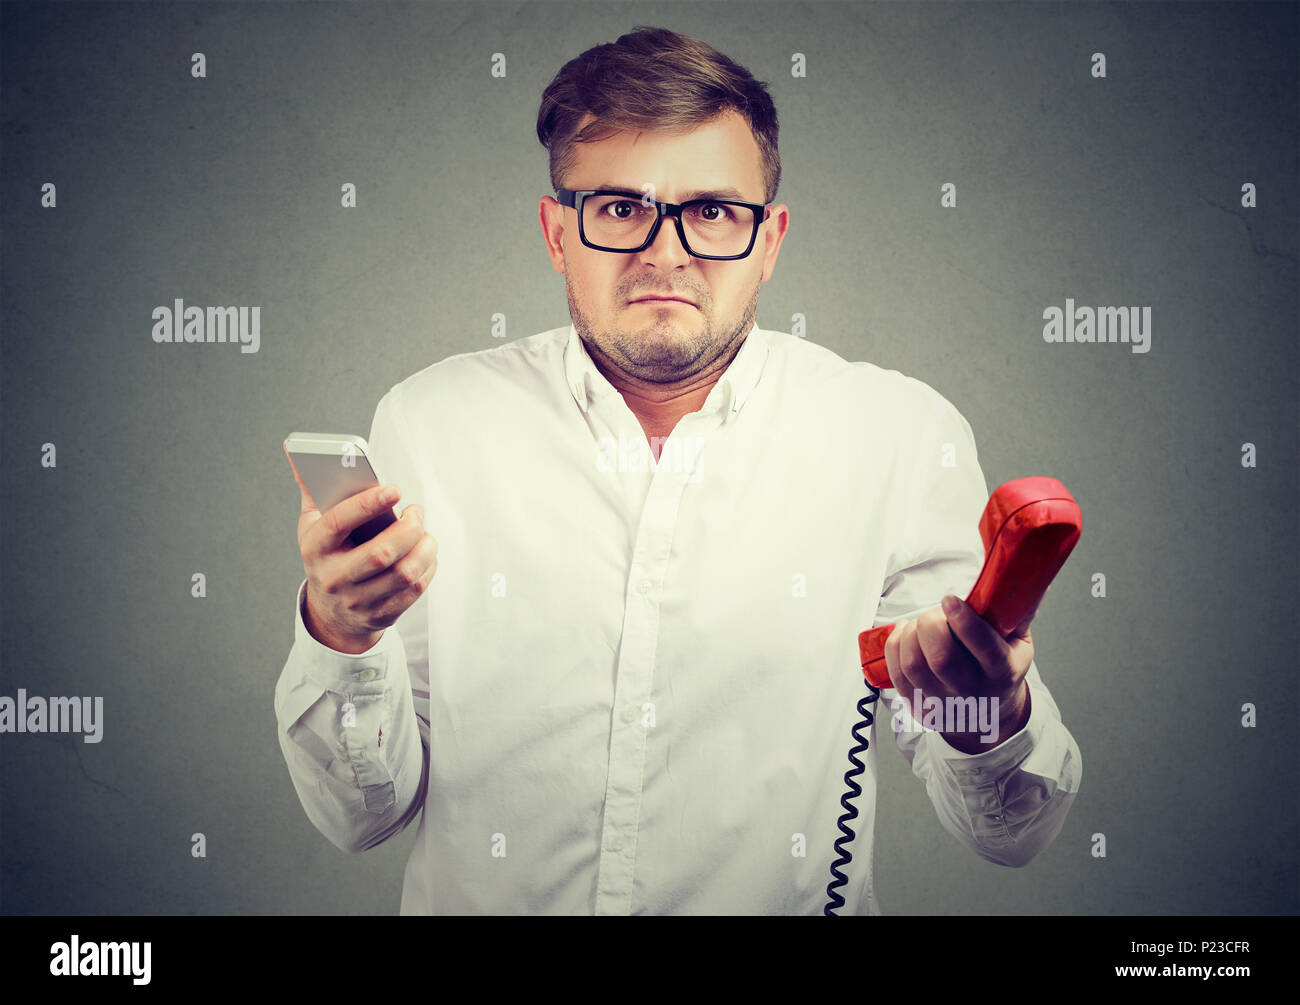 Joven sosteniendo a la vieja usanza y teléfono rojo moderno smartphone mirando a la cámara en la perplejidad. Imagen De Stock